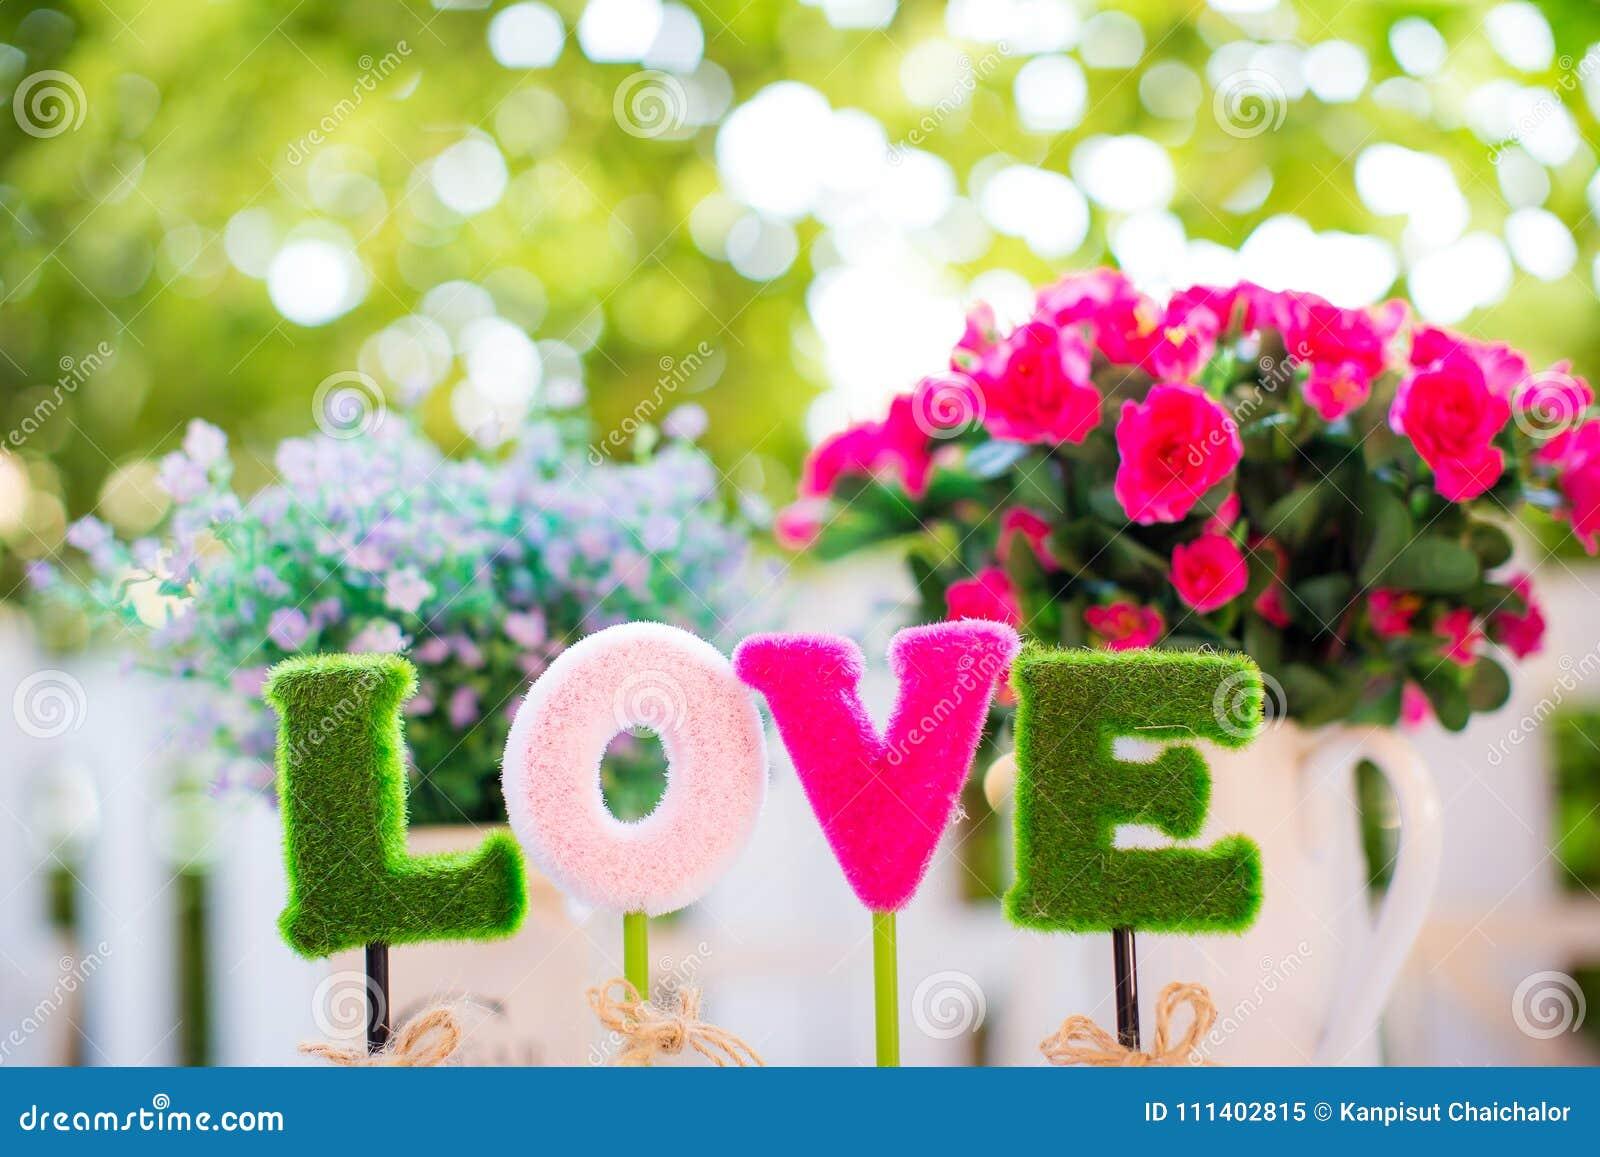 Alfabetos l, o, v, e o amor da palavra para a decoração sinais do dia de são valentim e da lua de mel do doce